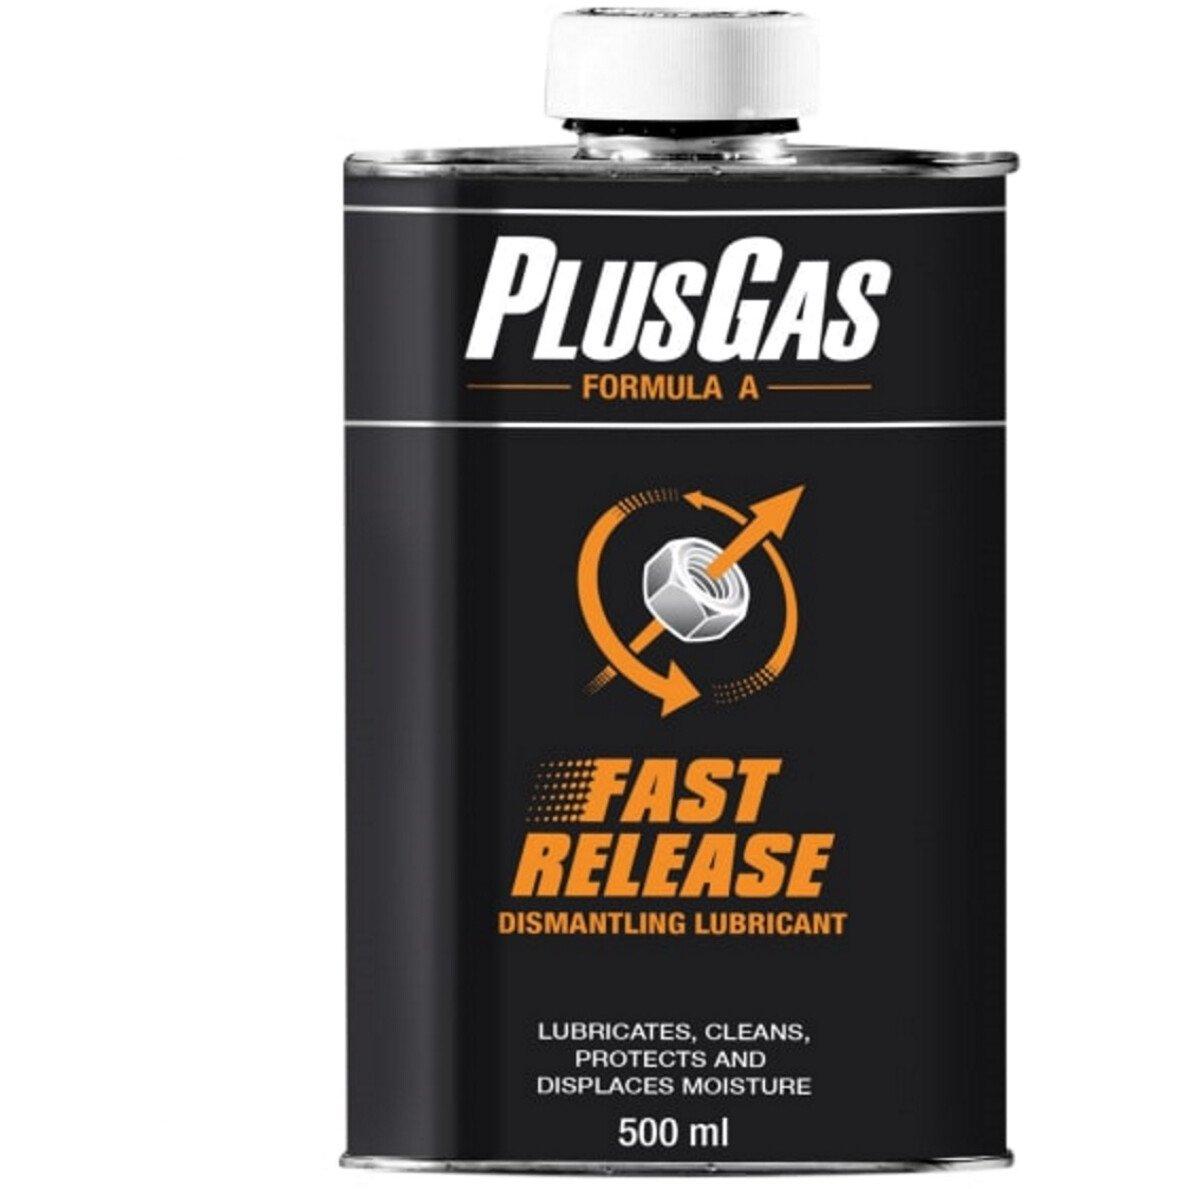 EAC 803-10 Plus Gas Formula A 500ml Dismantling Fluid Tin/Spout  PLG803